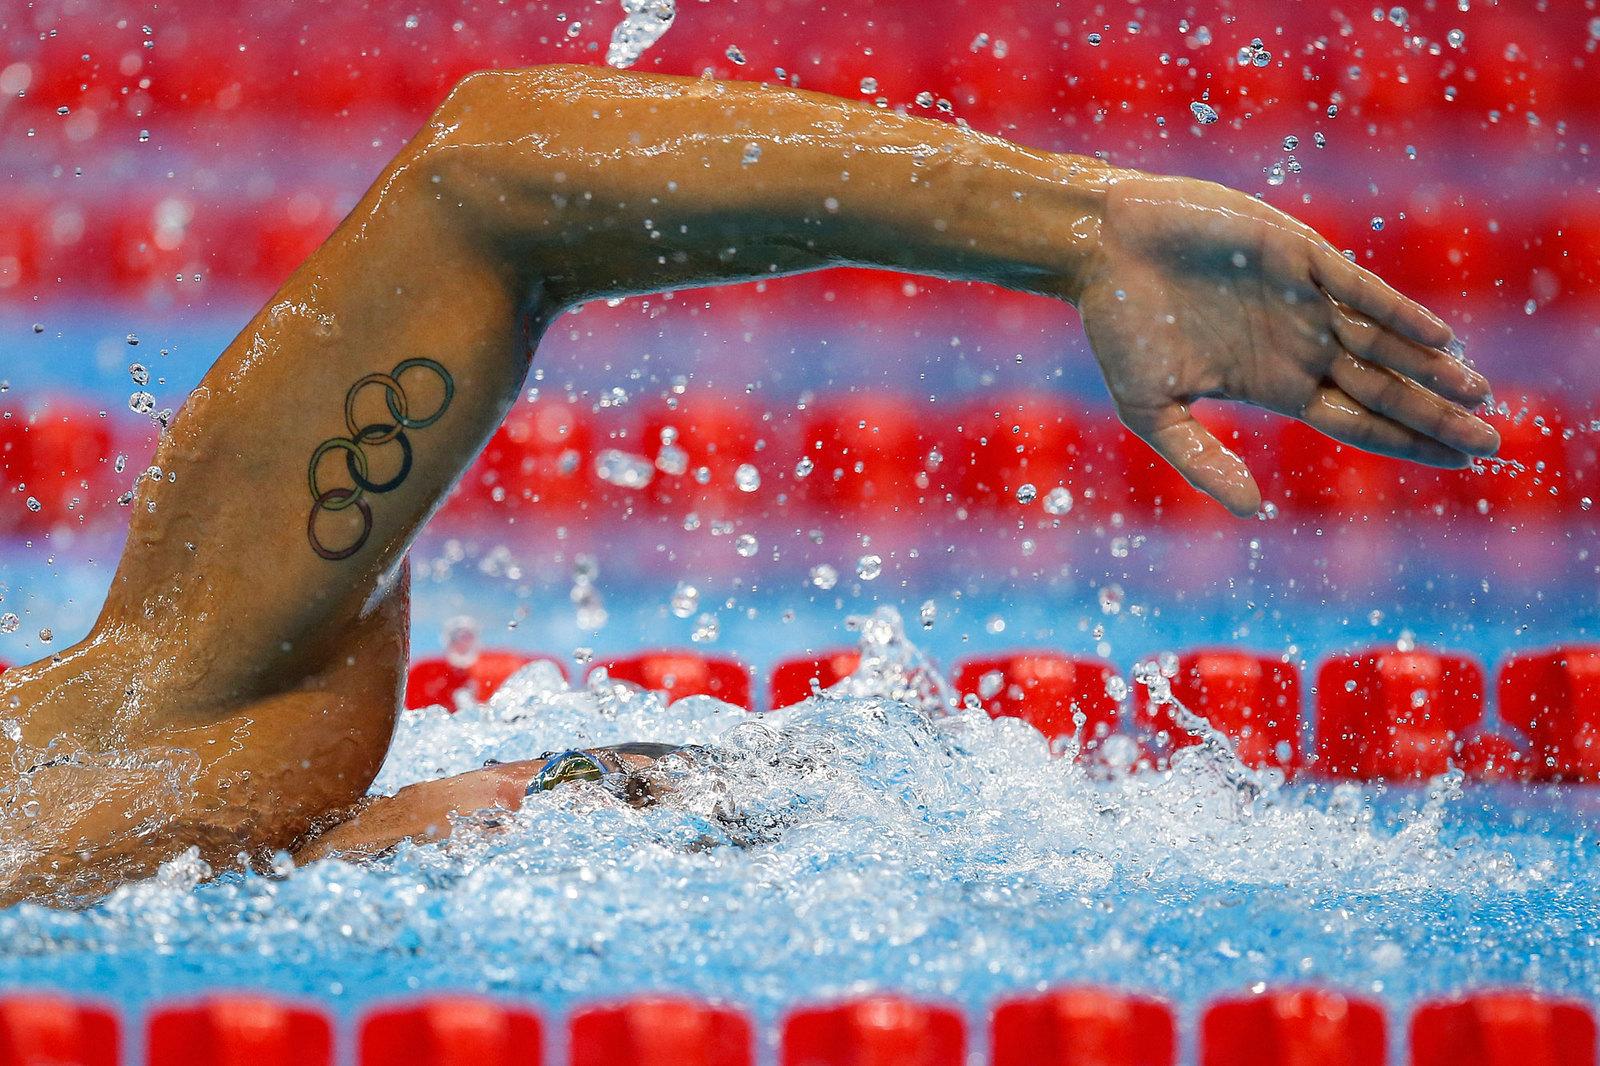 Олимпийские кольца на руке итальянского пловца Габриеля Детти